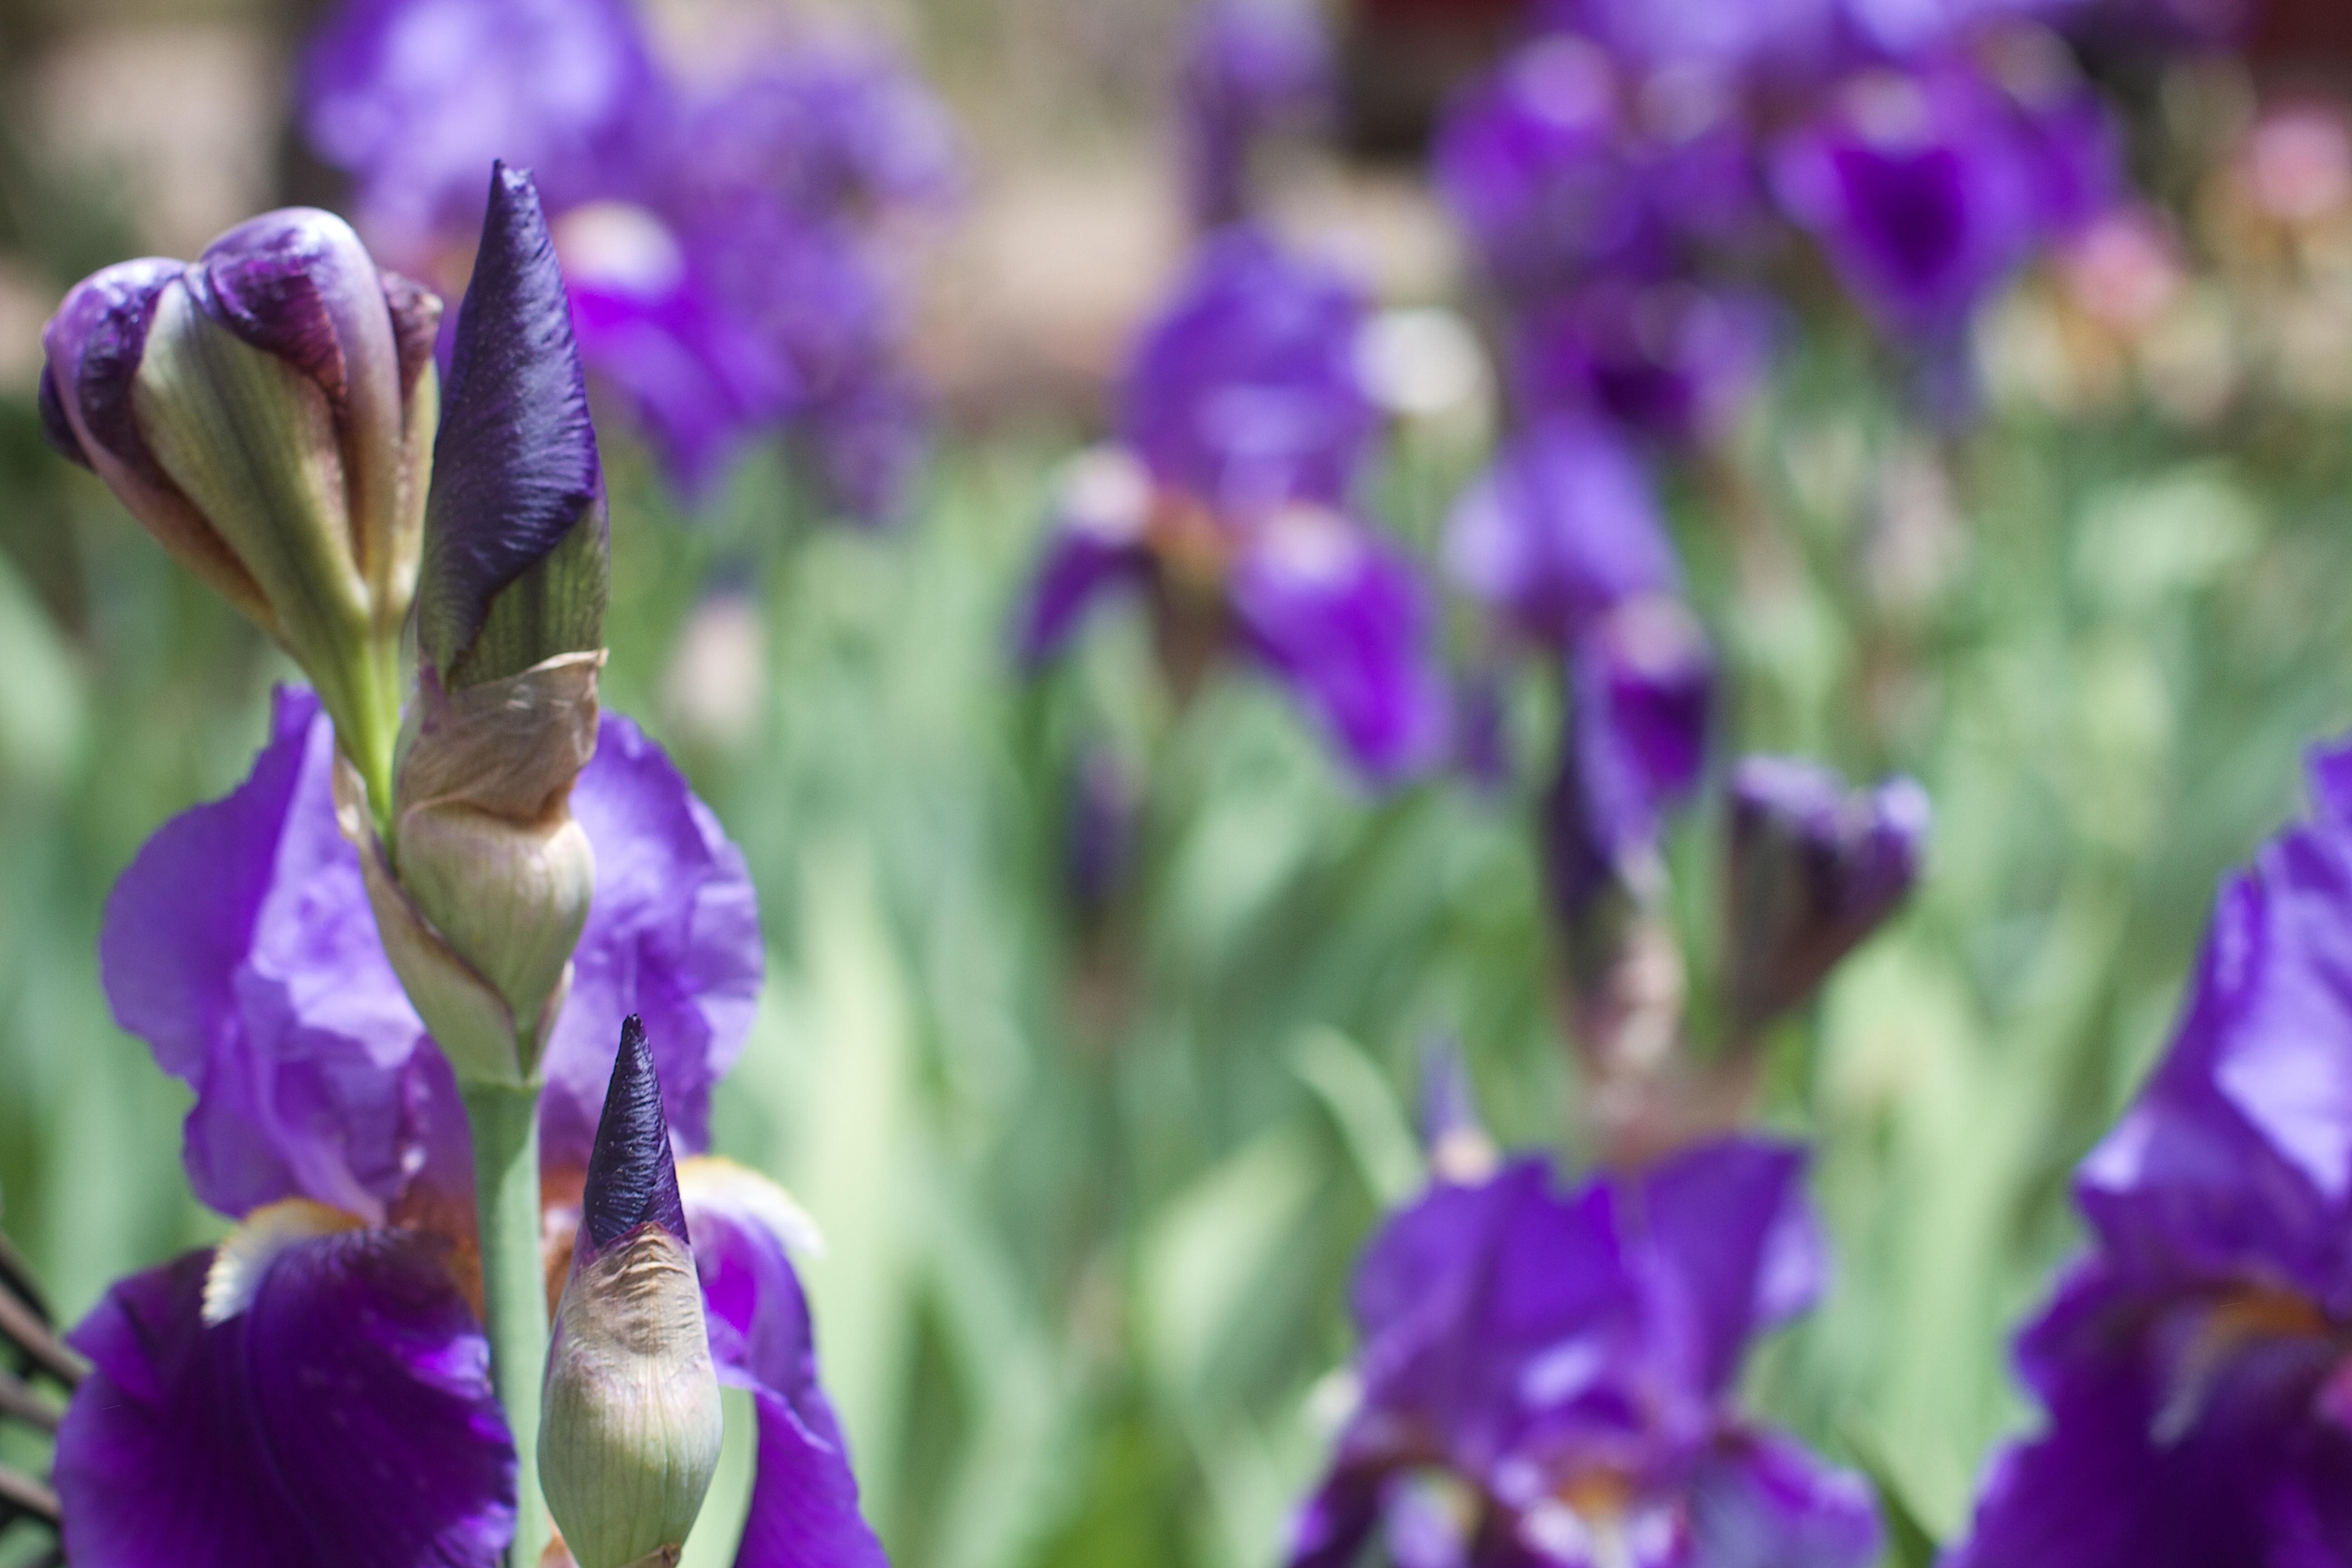 รูปภาพ ปลูก สีม่วง กลีบดอกไม้ พฤกษศาสตร์ ดอกไม้ป่า